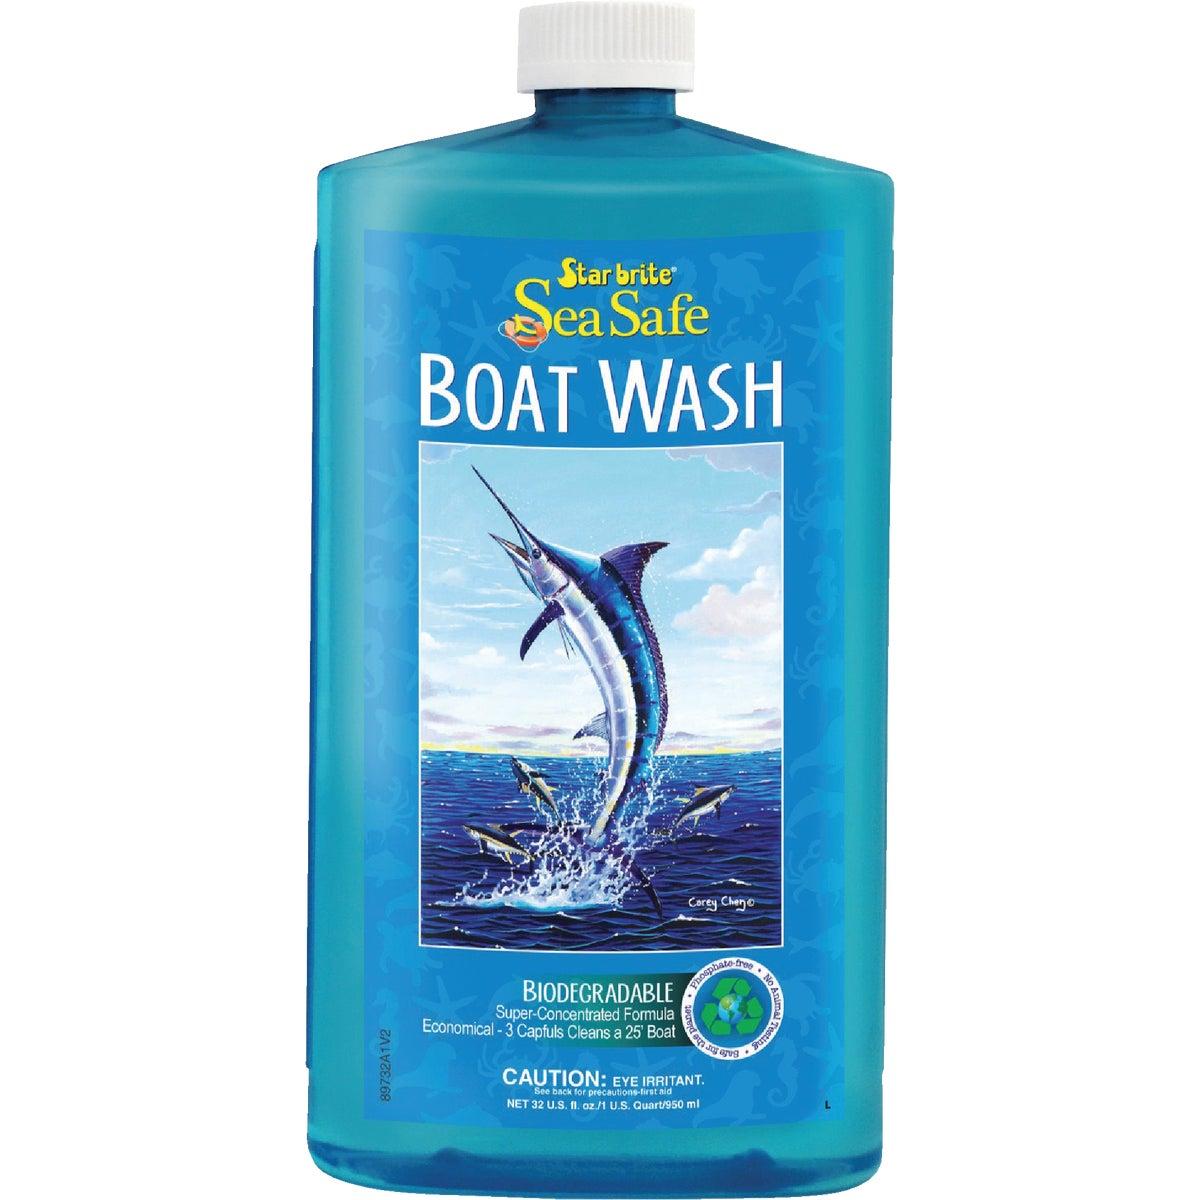 QT BOAT WASH